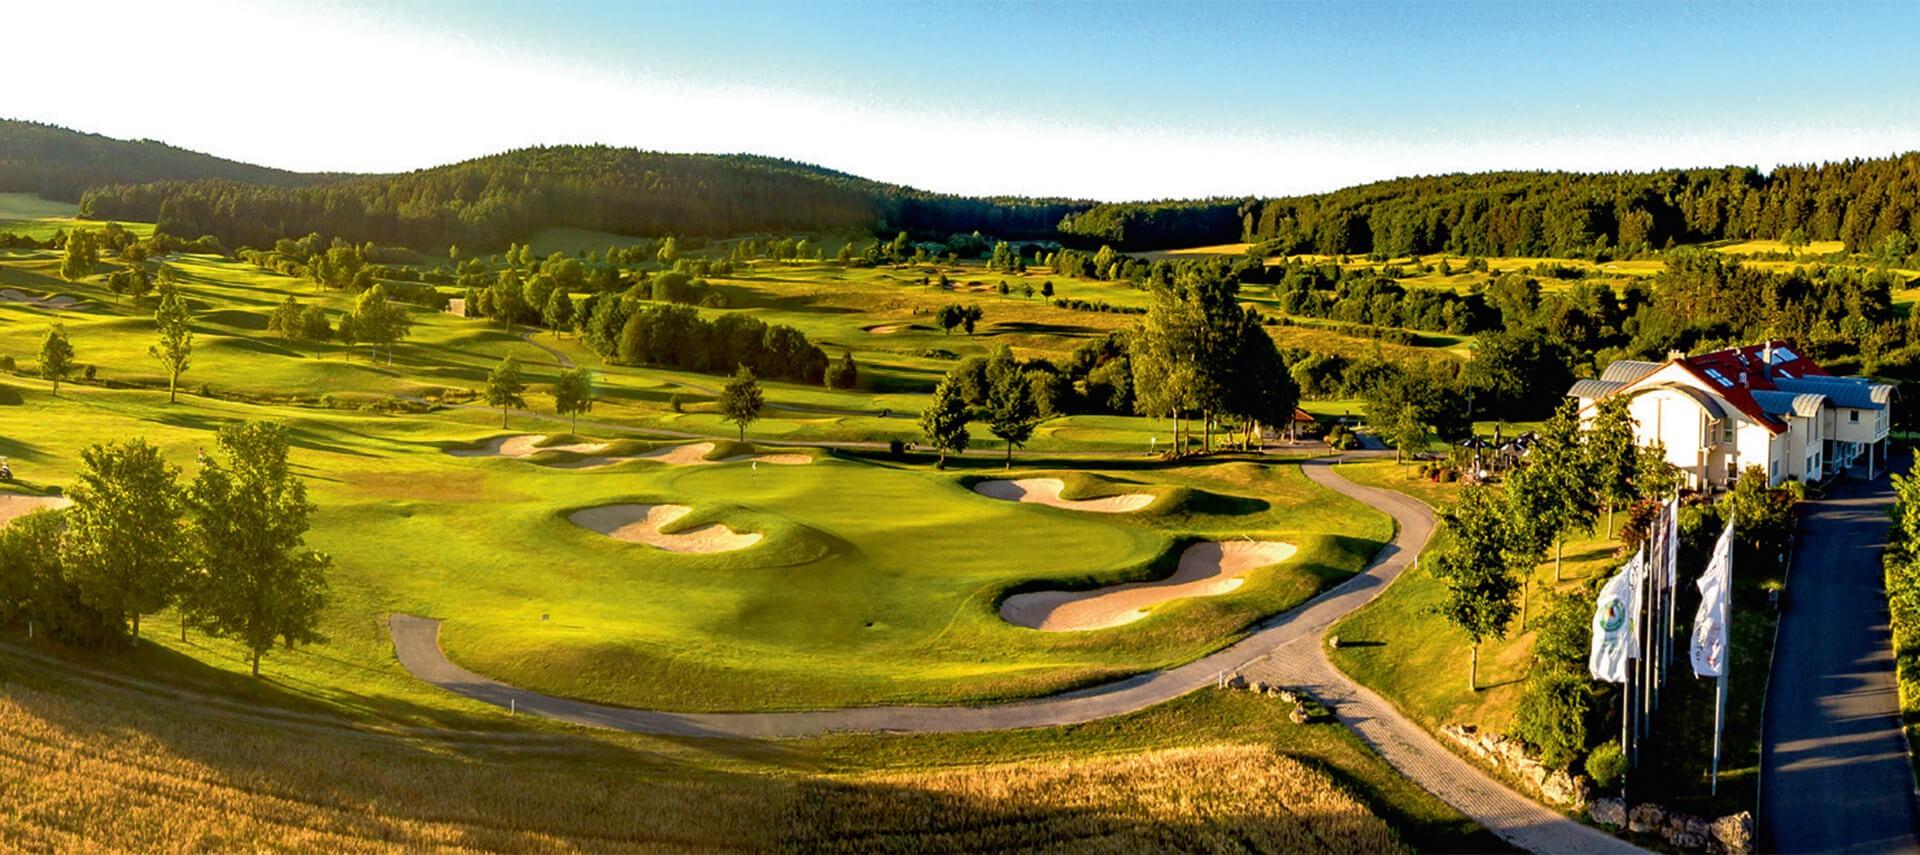 1 - Jura- Golf-Park Habsberg - 2021-04